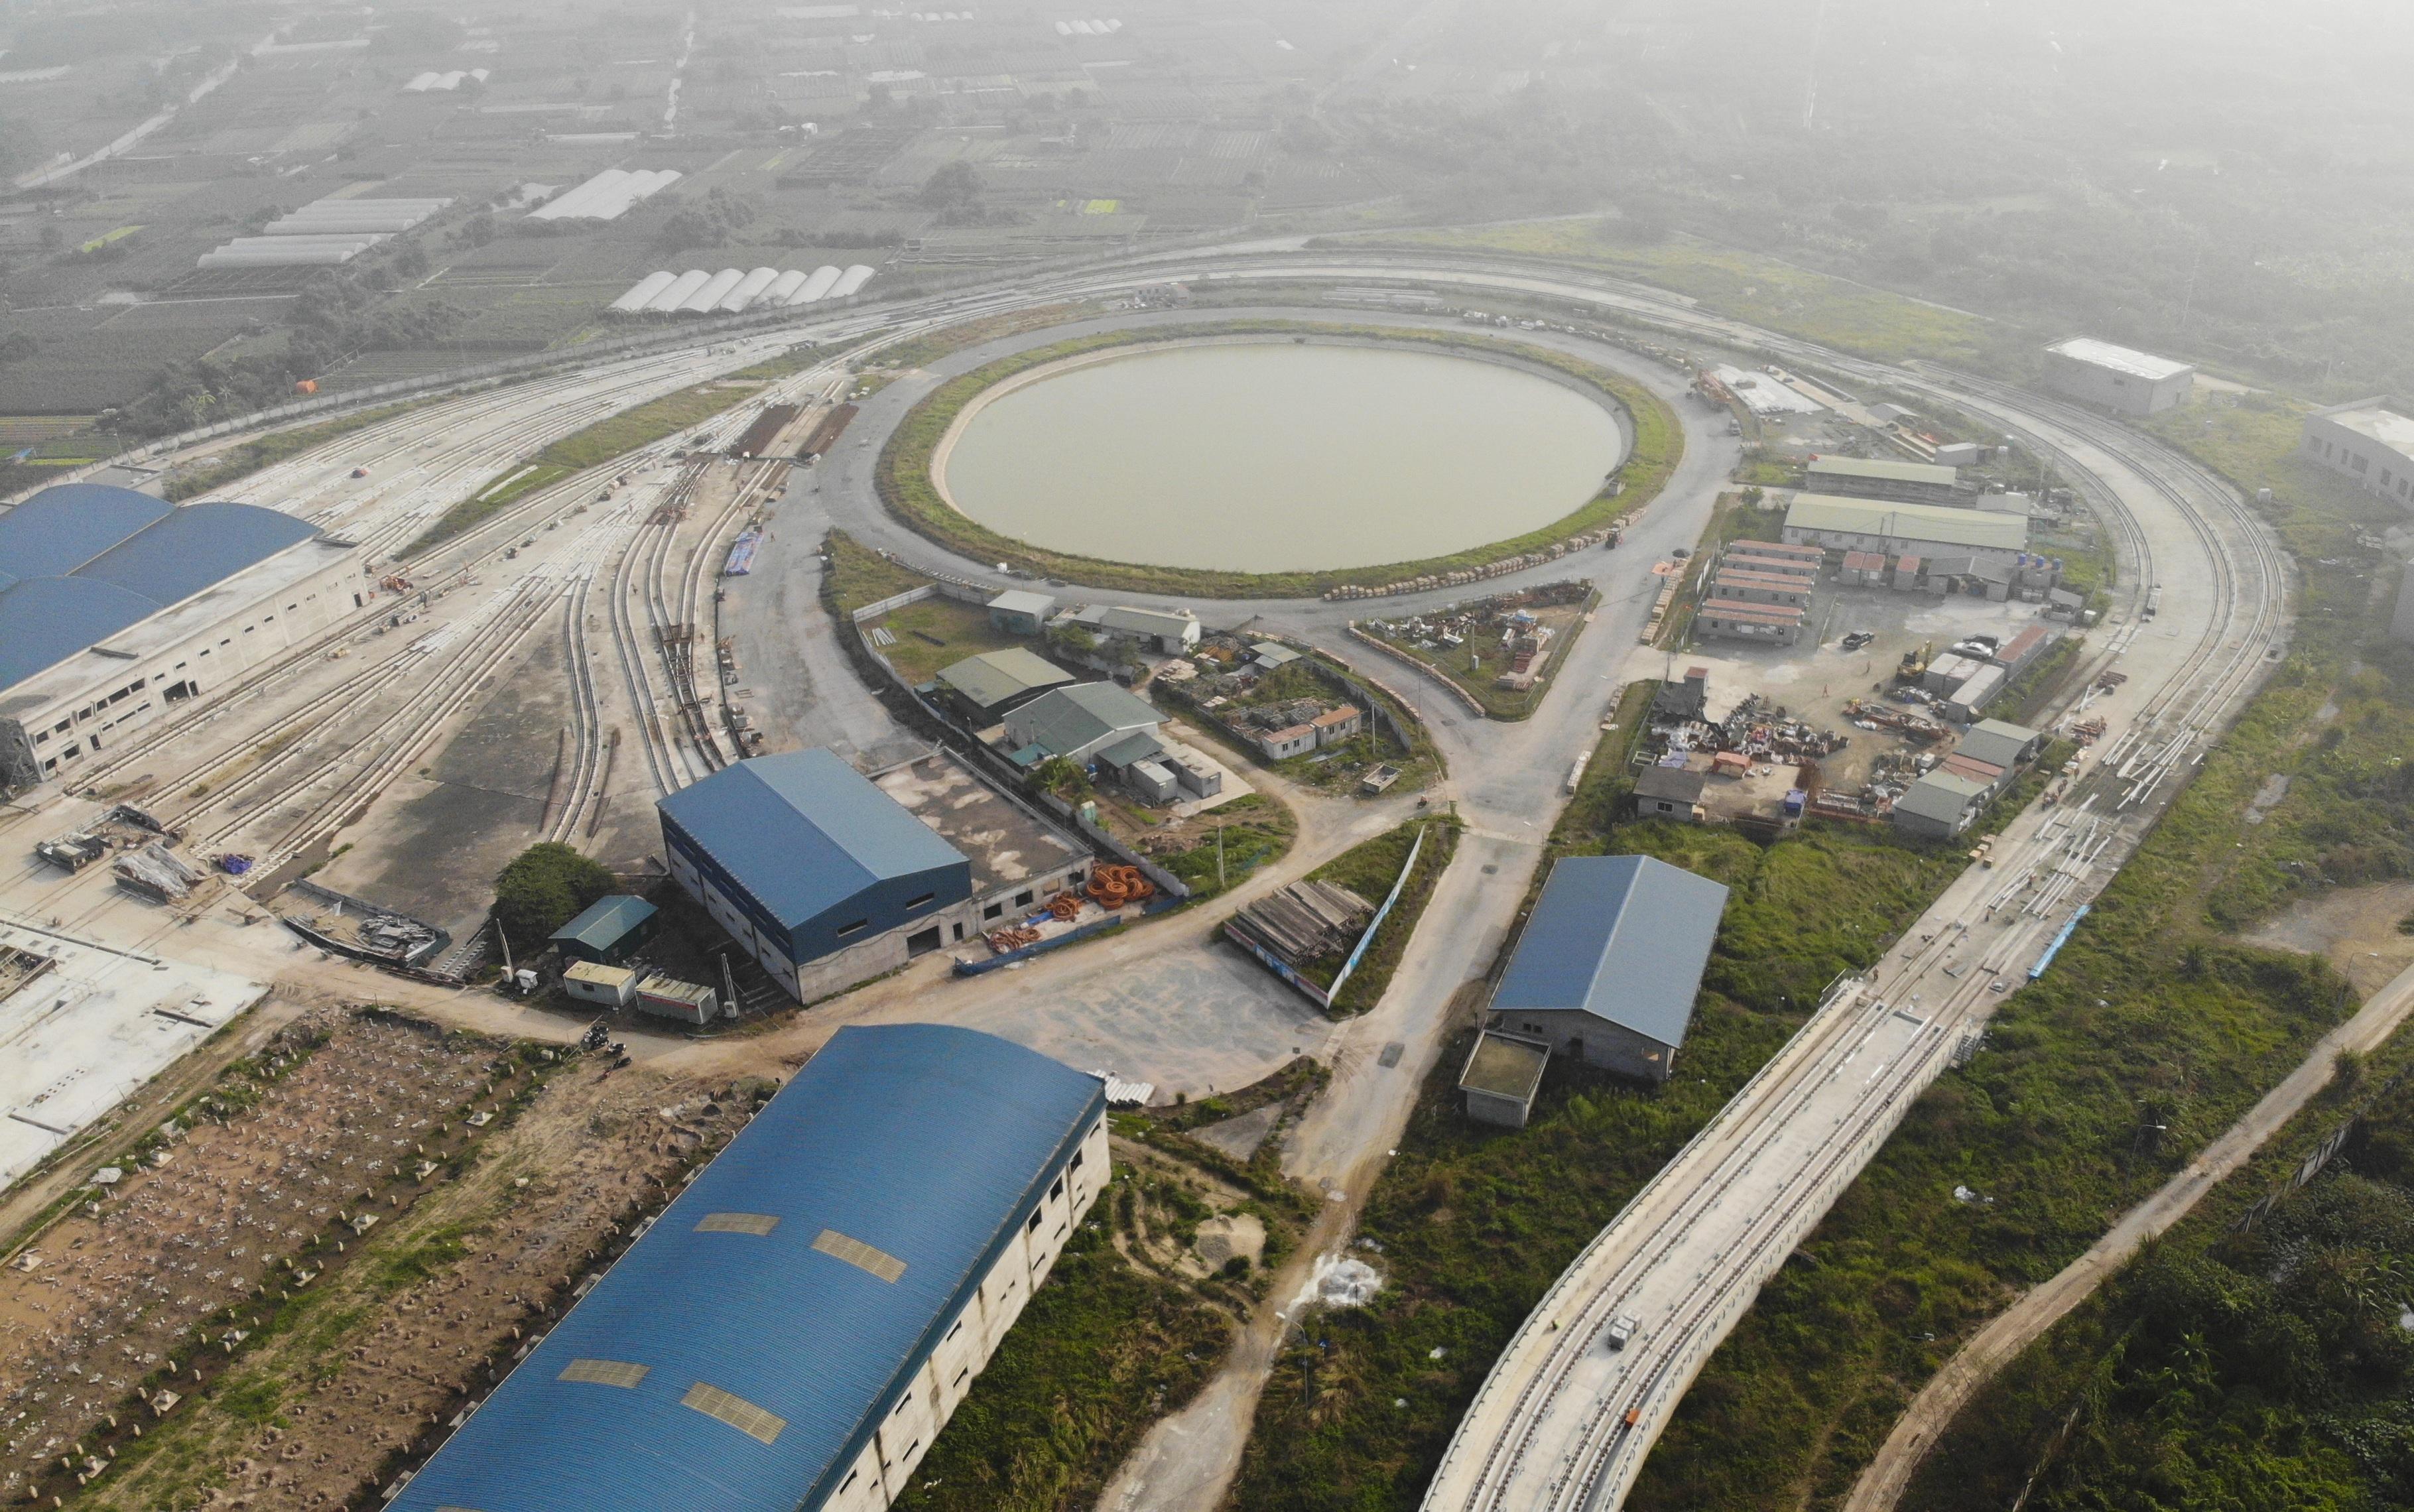 Gấp rút thi công ga ngầm S9 tại dự án đường sắt Nhổn – Ga Hà Nội - 8